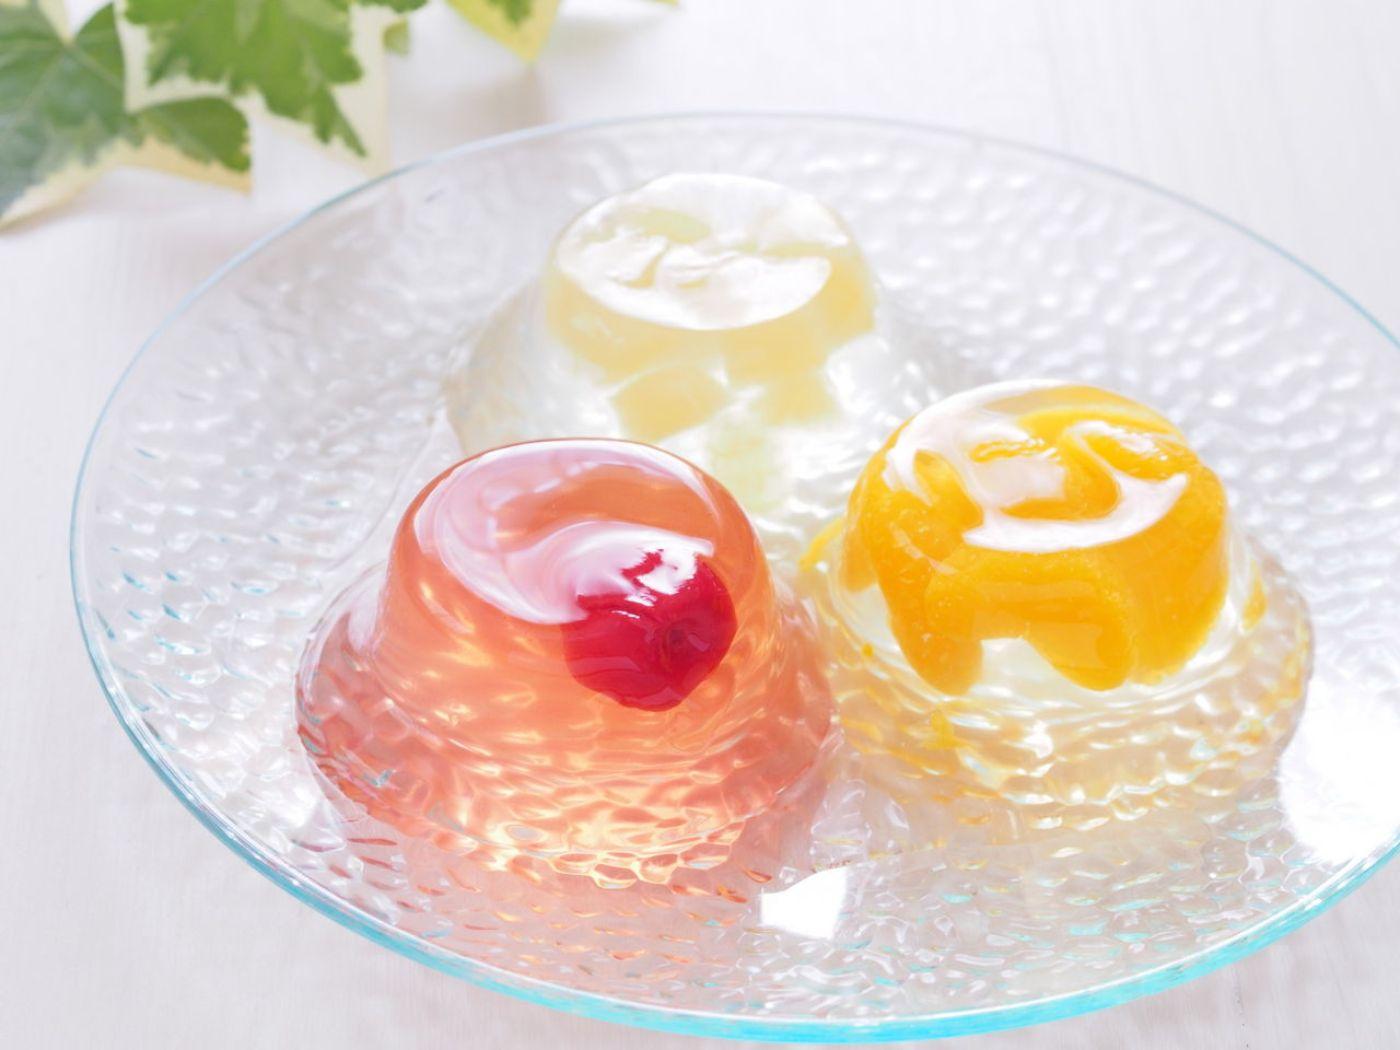 Gelatina natural con macedonia de frutas